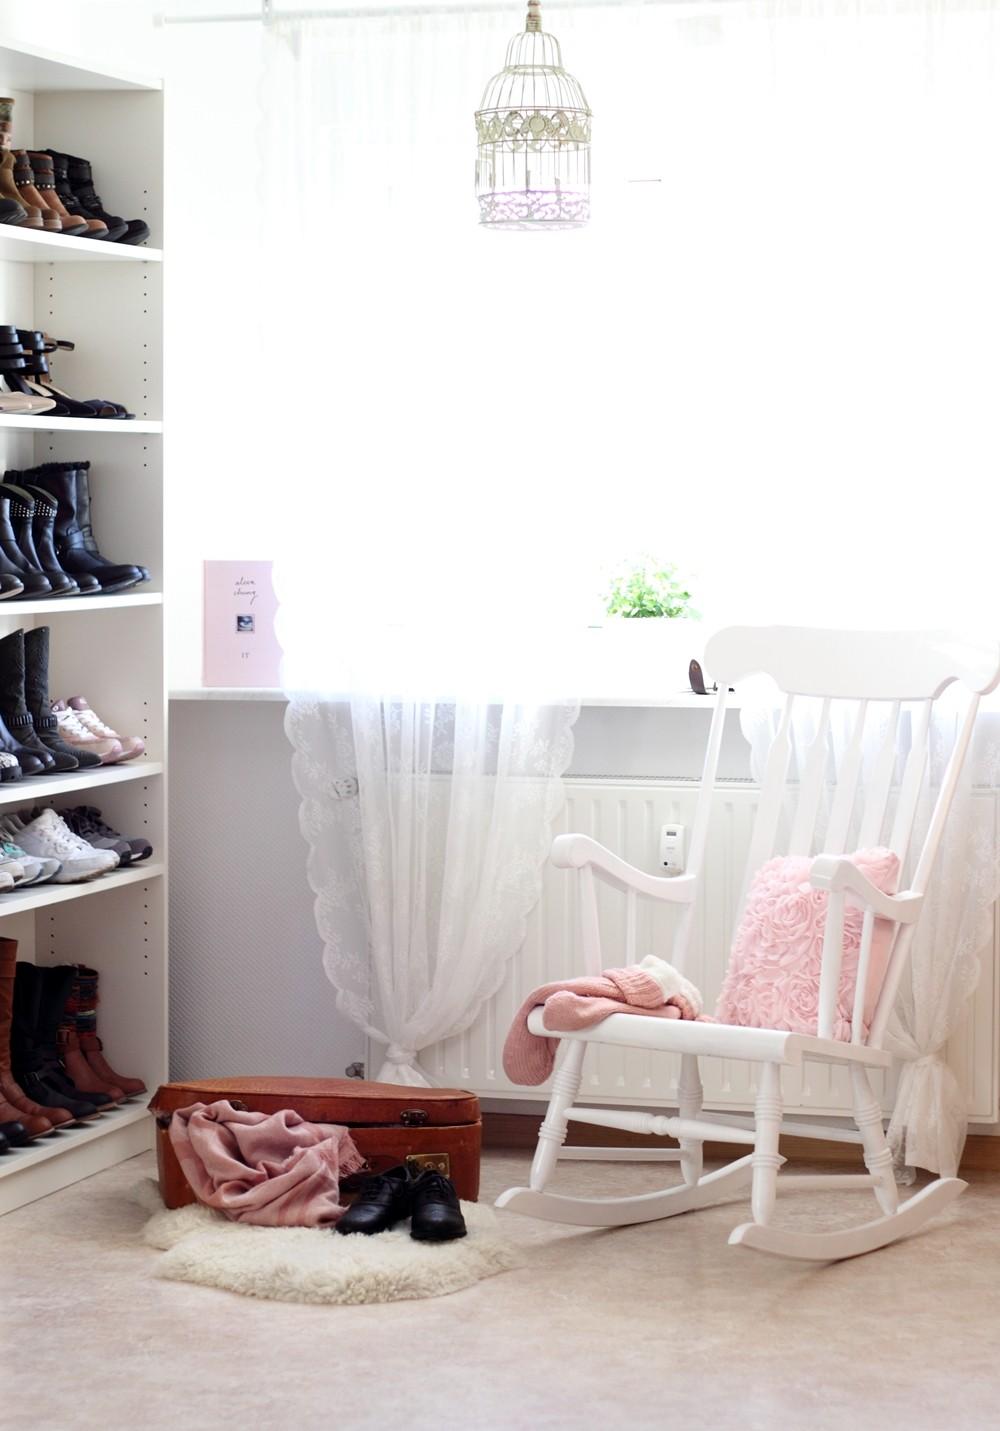 Wohnung Garderobe Schuhschrank Schaukelstuhl Deko alter Koffer Fellteppich 3